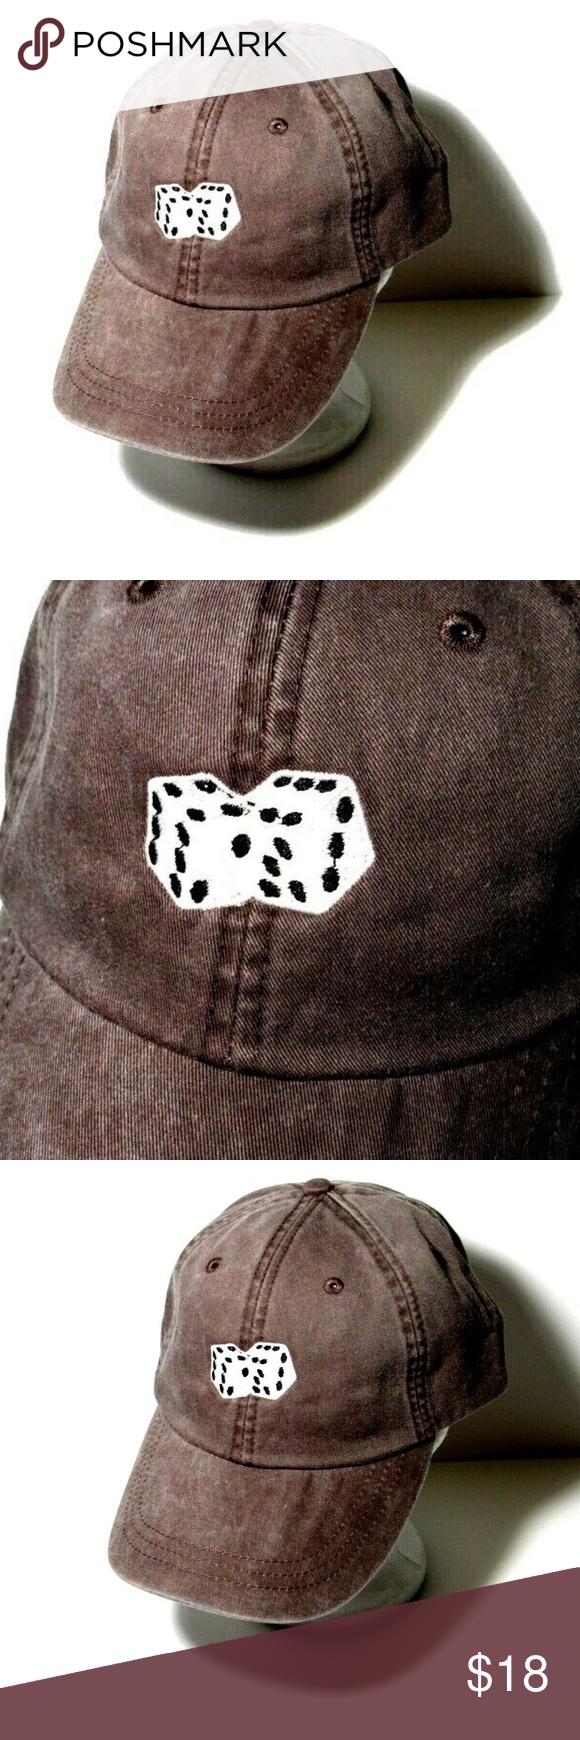 Dice Hat Gambling Vacation Casino Baseball Cap Baseball Cap Baseball Caps Mens Baseball